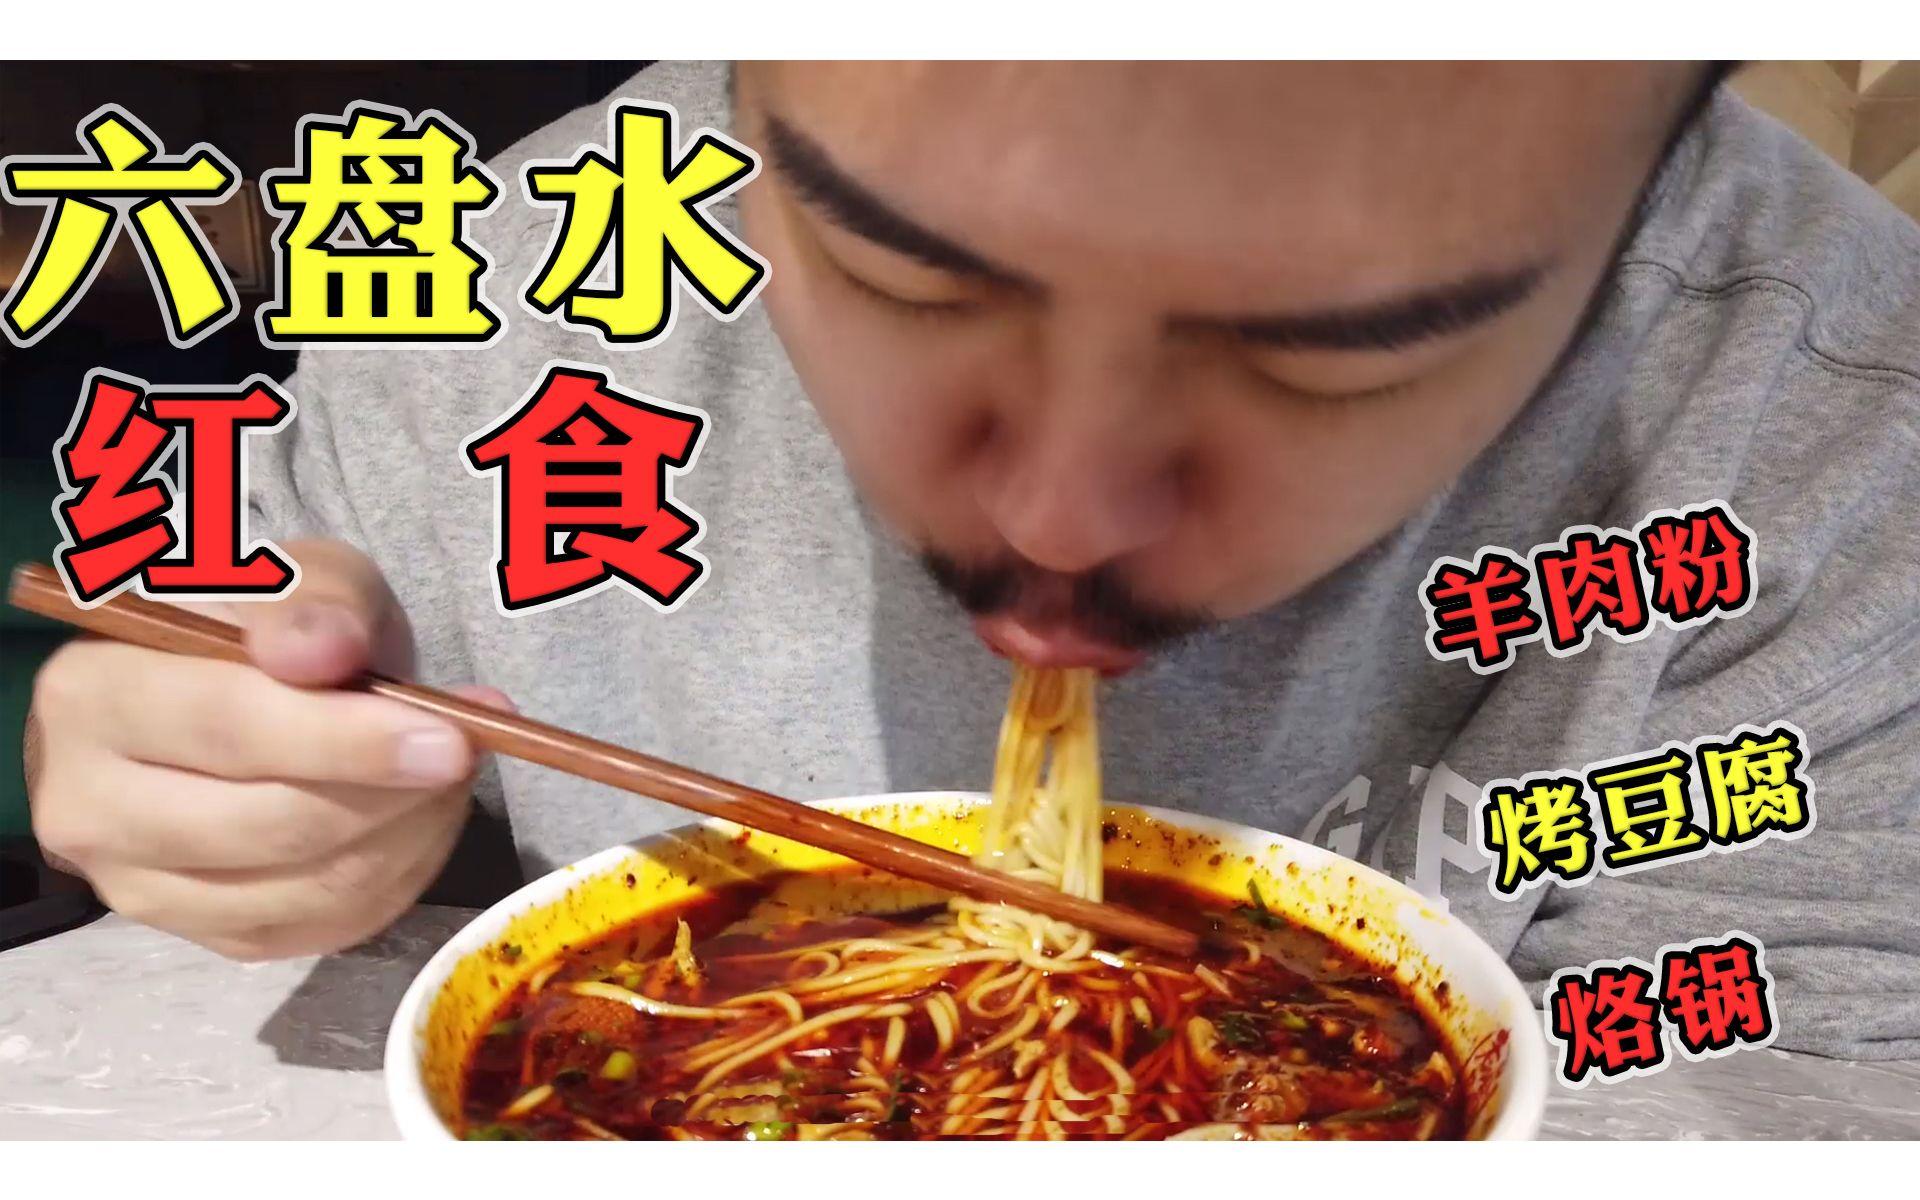 糯米饭/烙锅/羊肉粉/烤豆腐 |好吃到昏的贵州六盘水美食